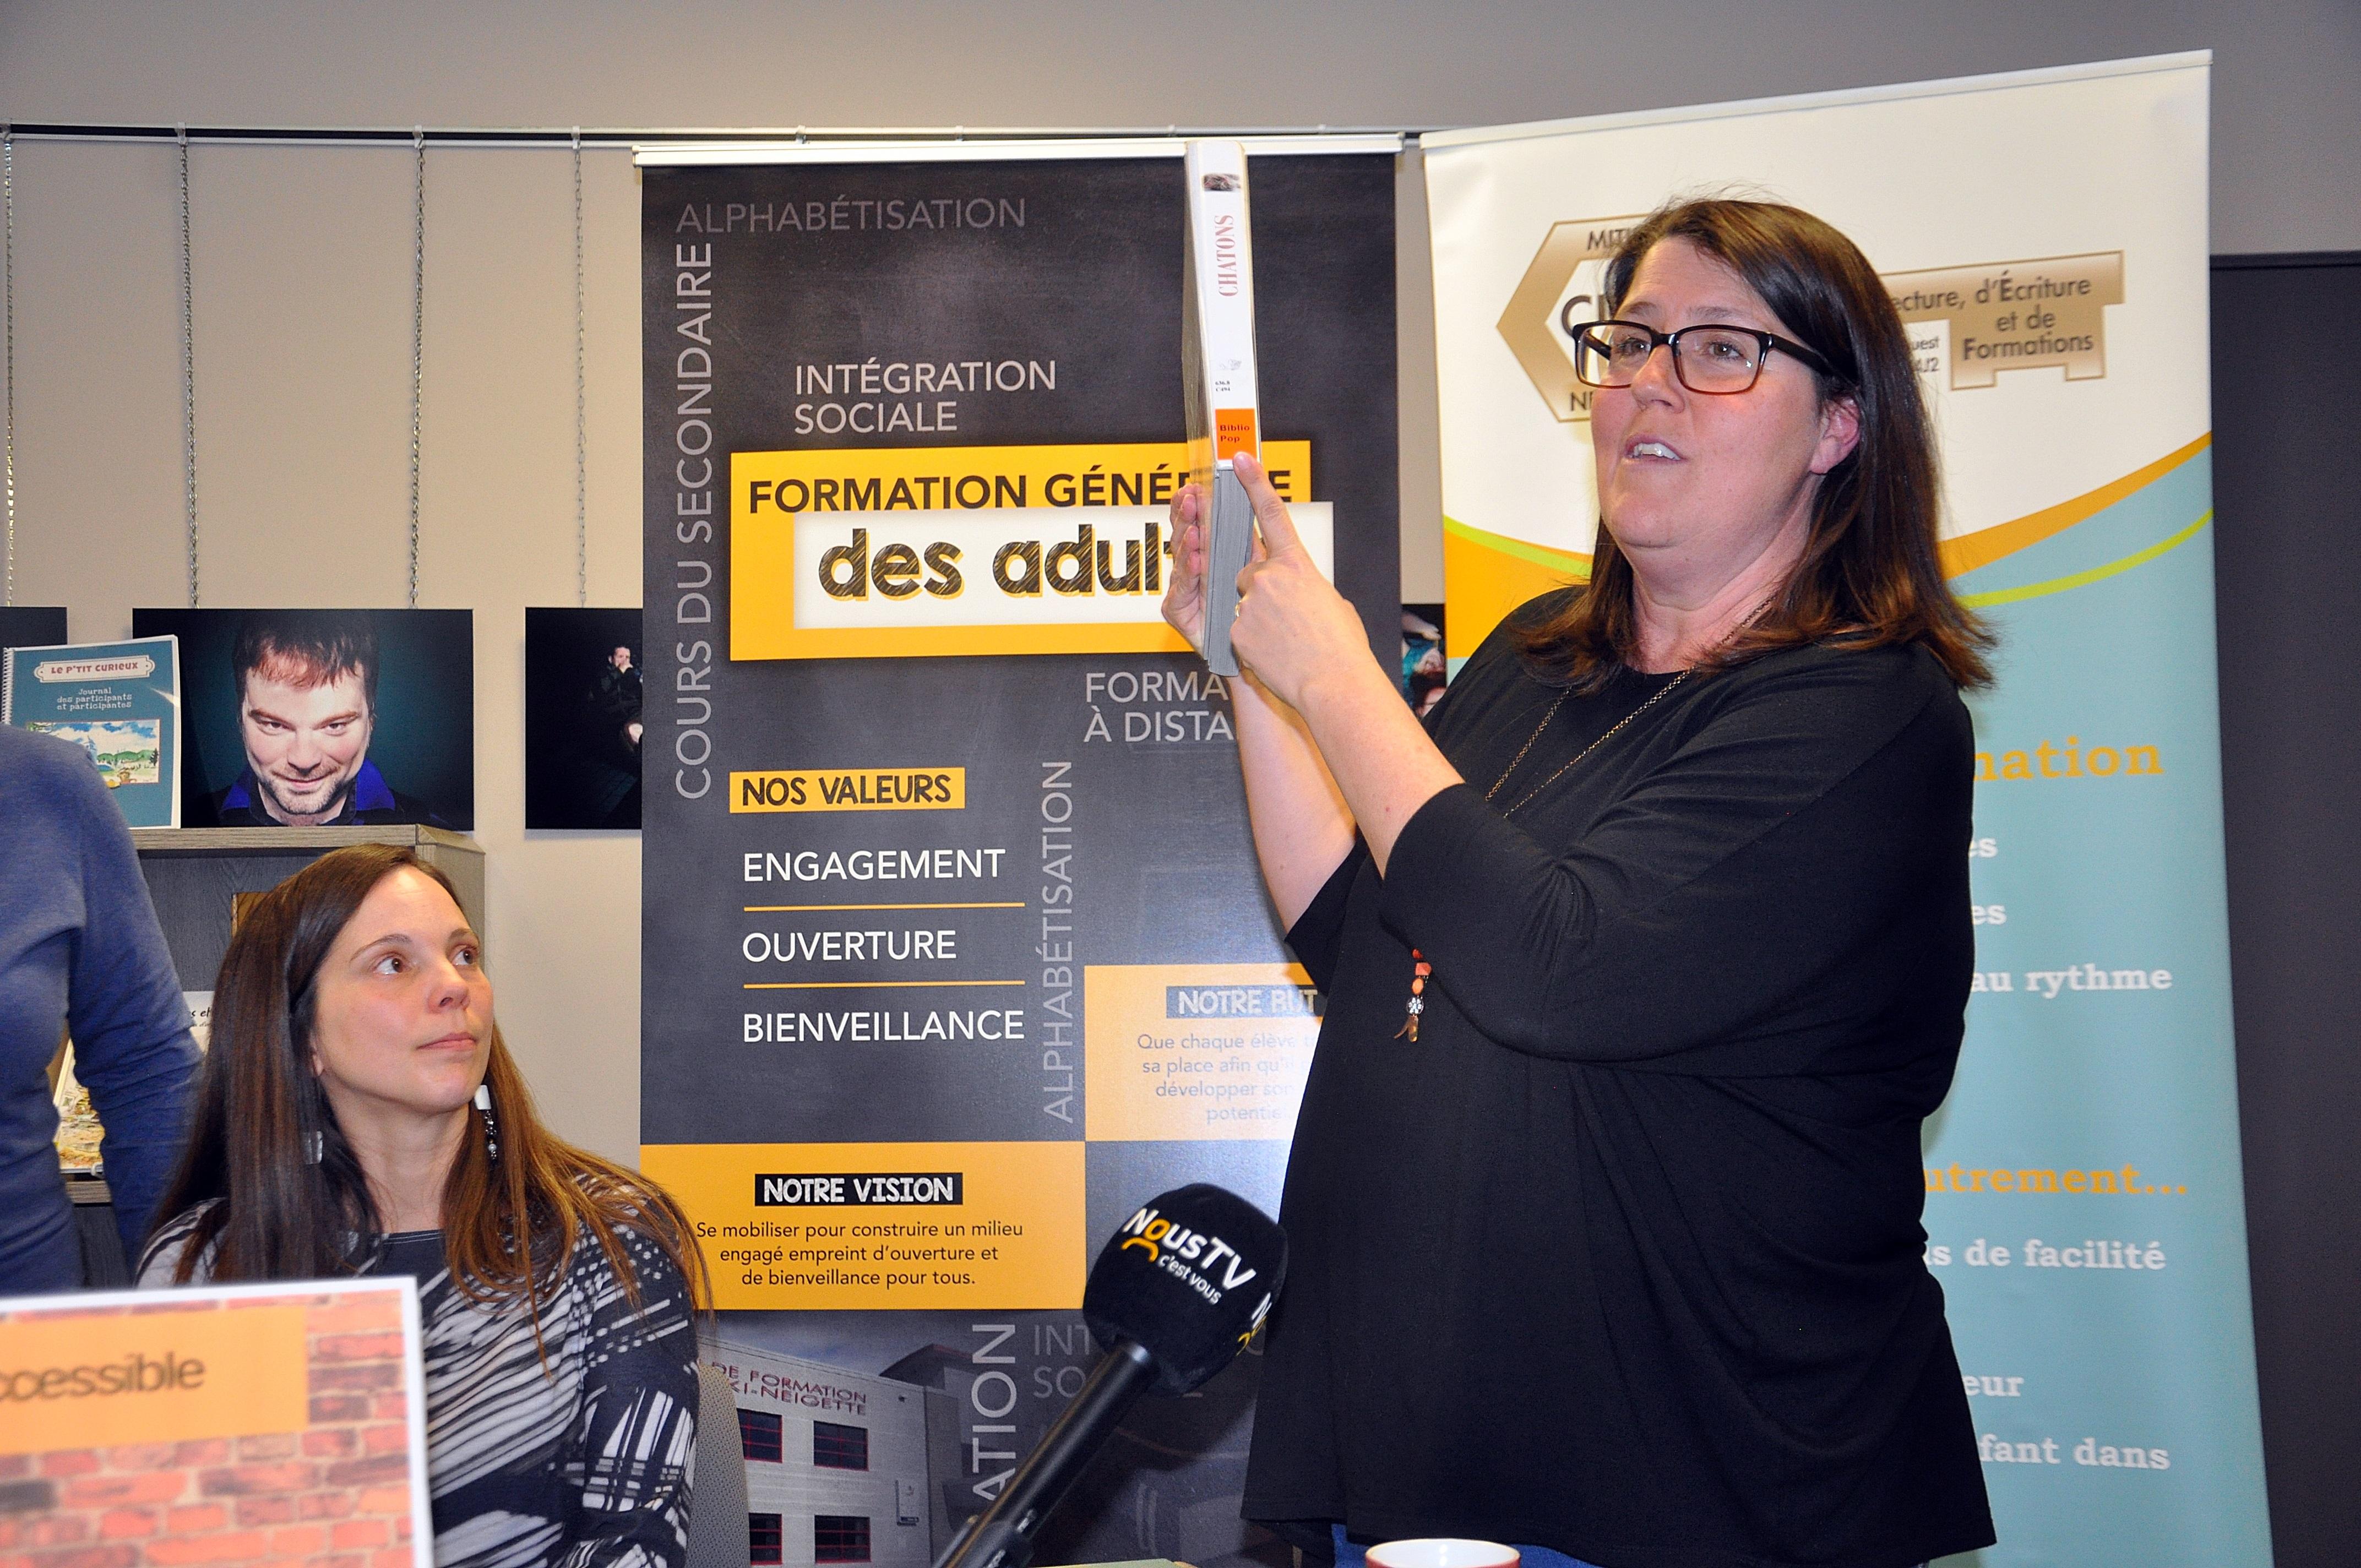 La coordonnatrice pour les bibliothèques de Rimouski, Martine Fournier,